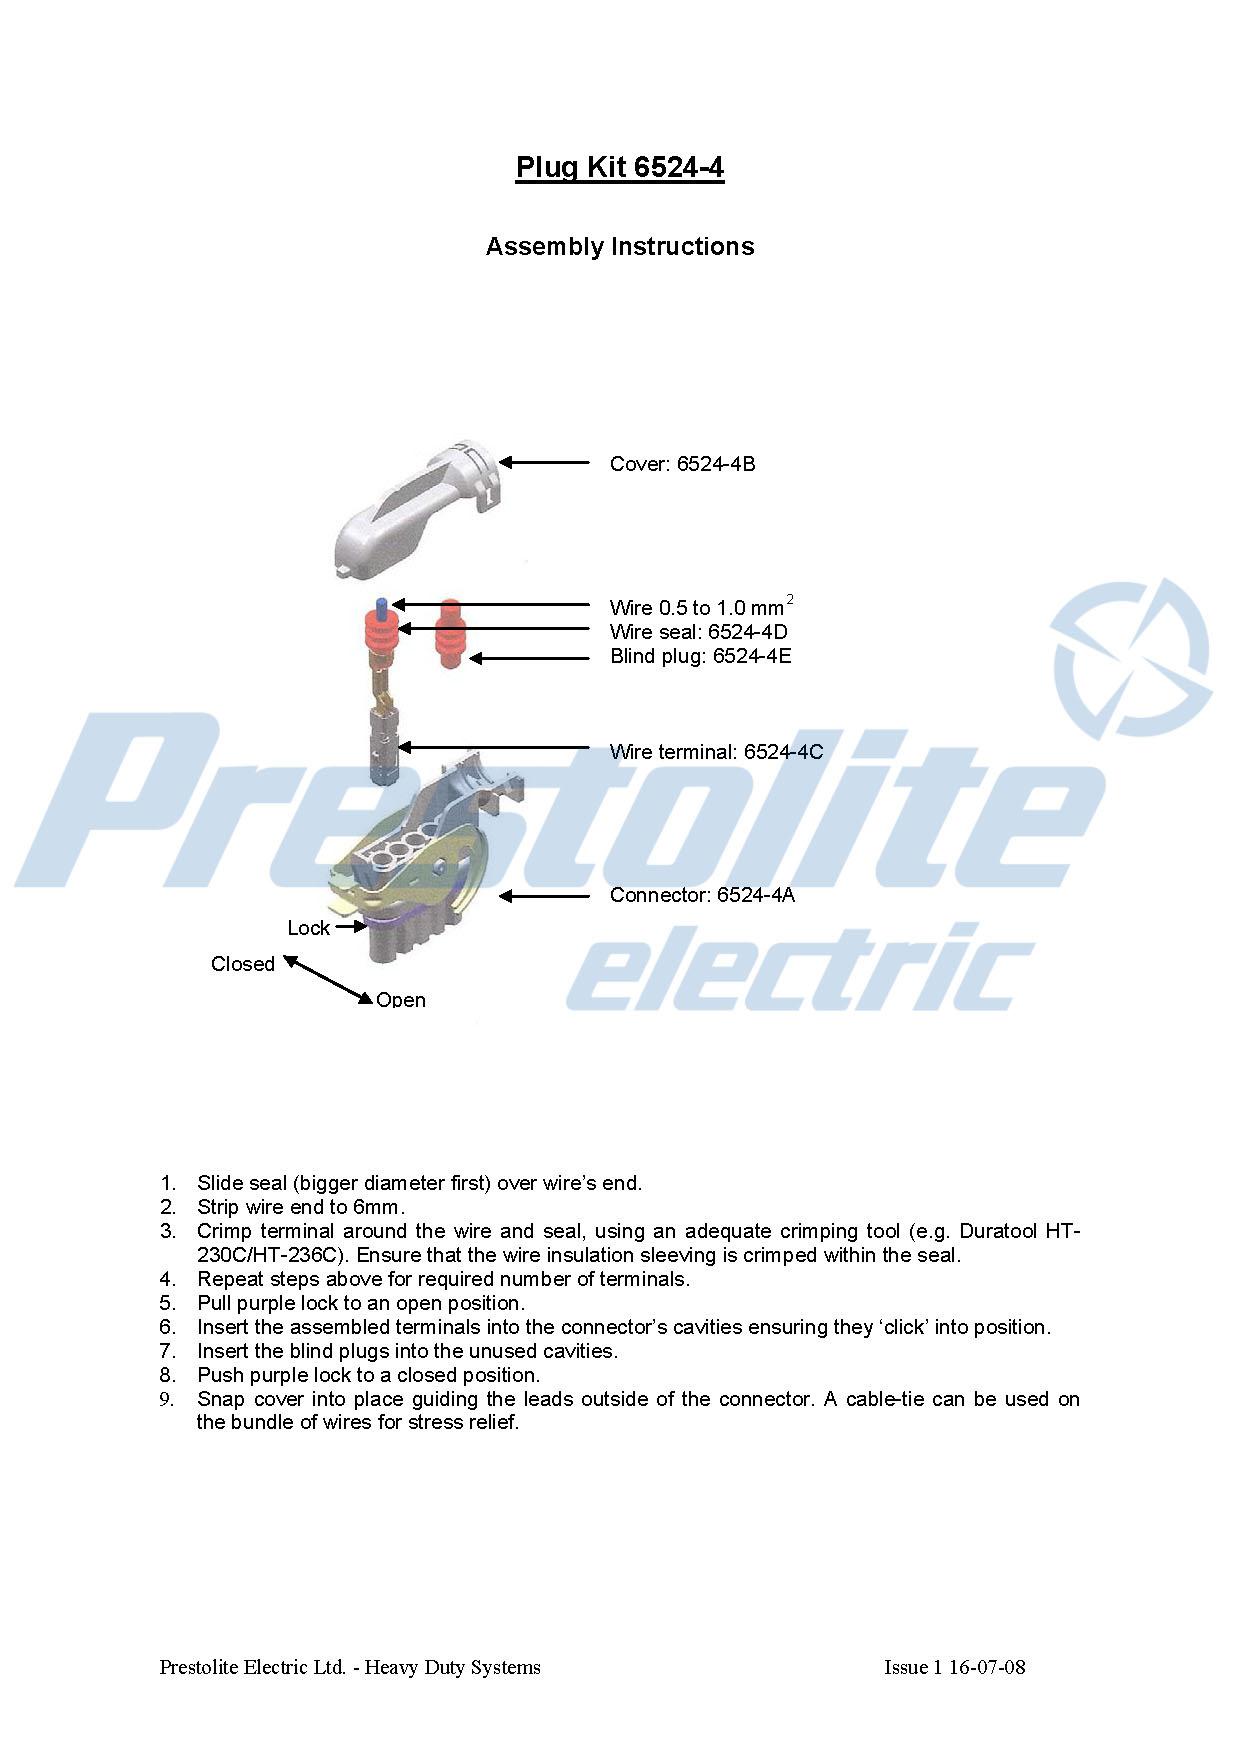 Plug Kit 6524-4